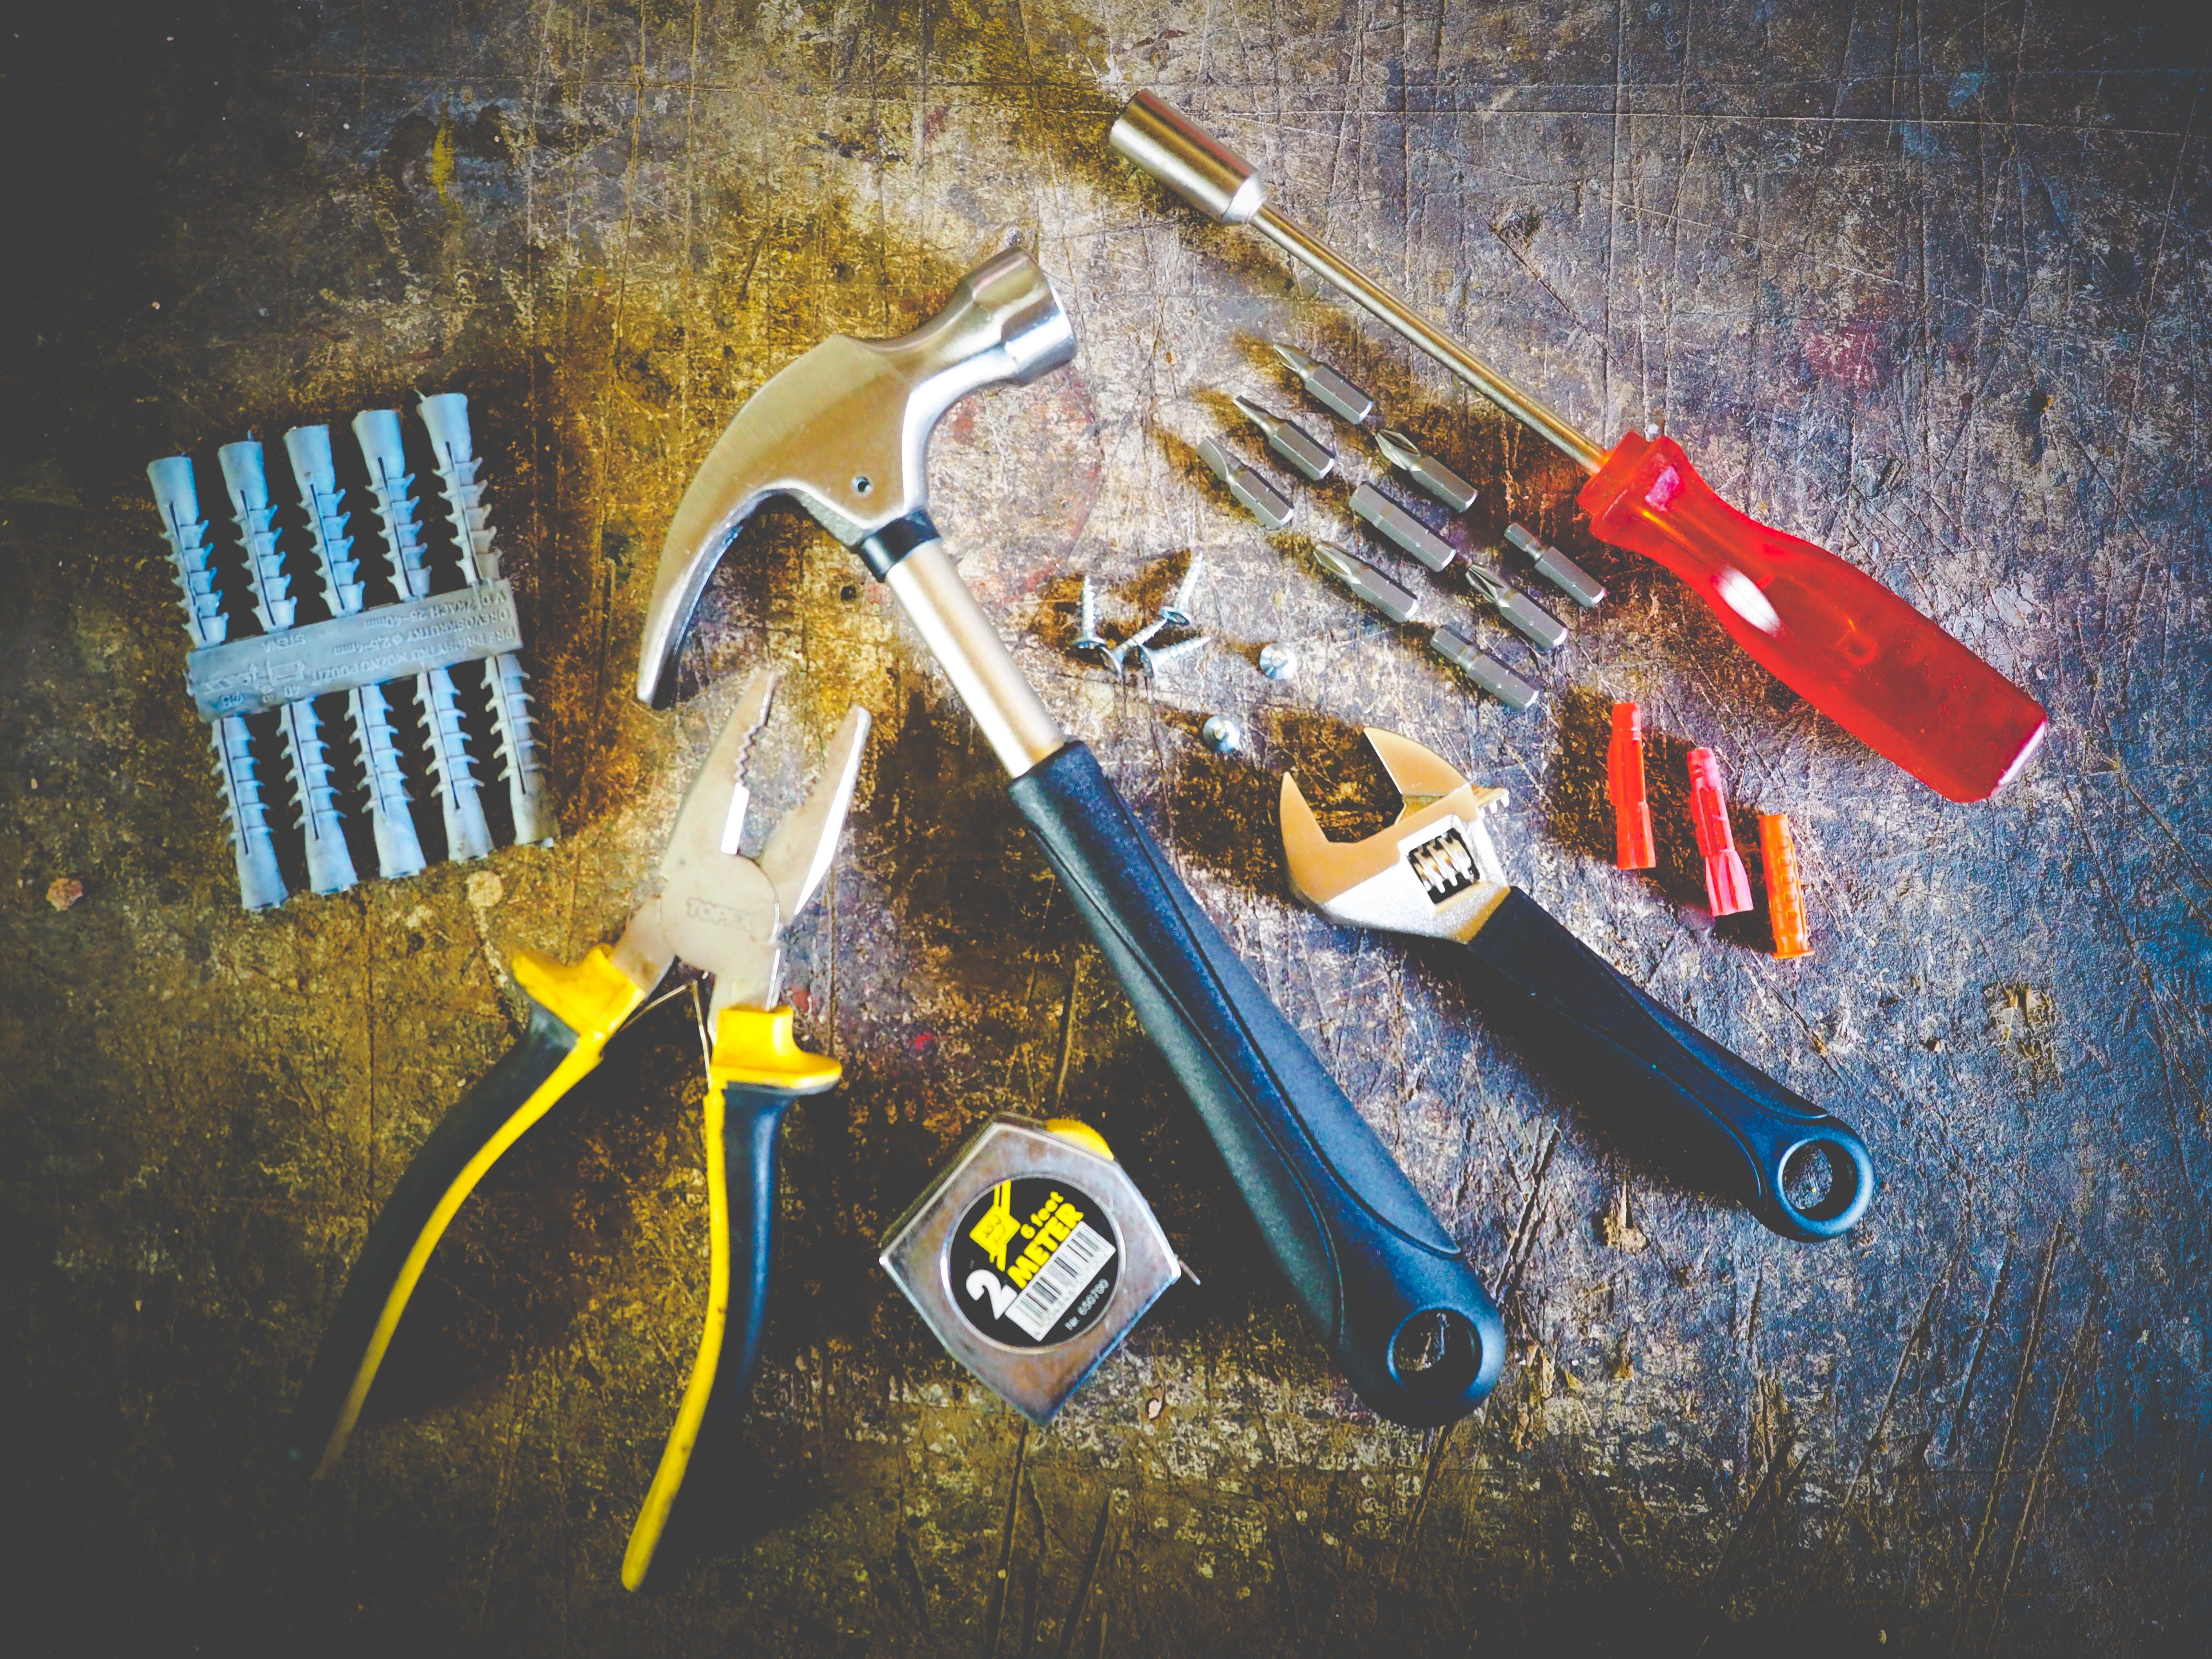 Fotos de stock gratuitas de alicates, destornillador, herramientas, herramientas manuales